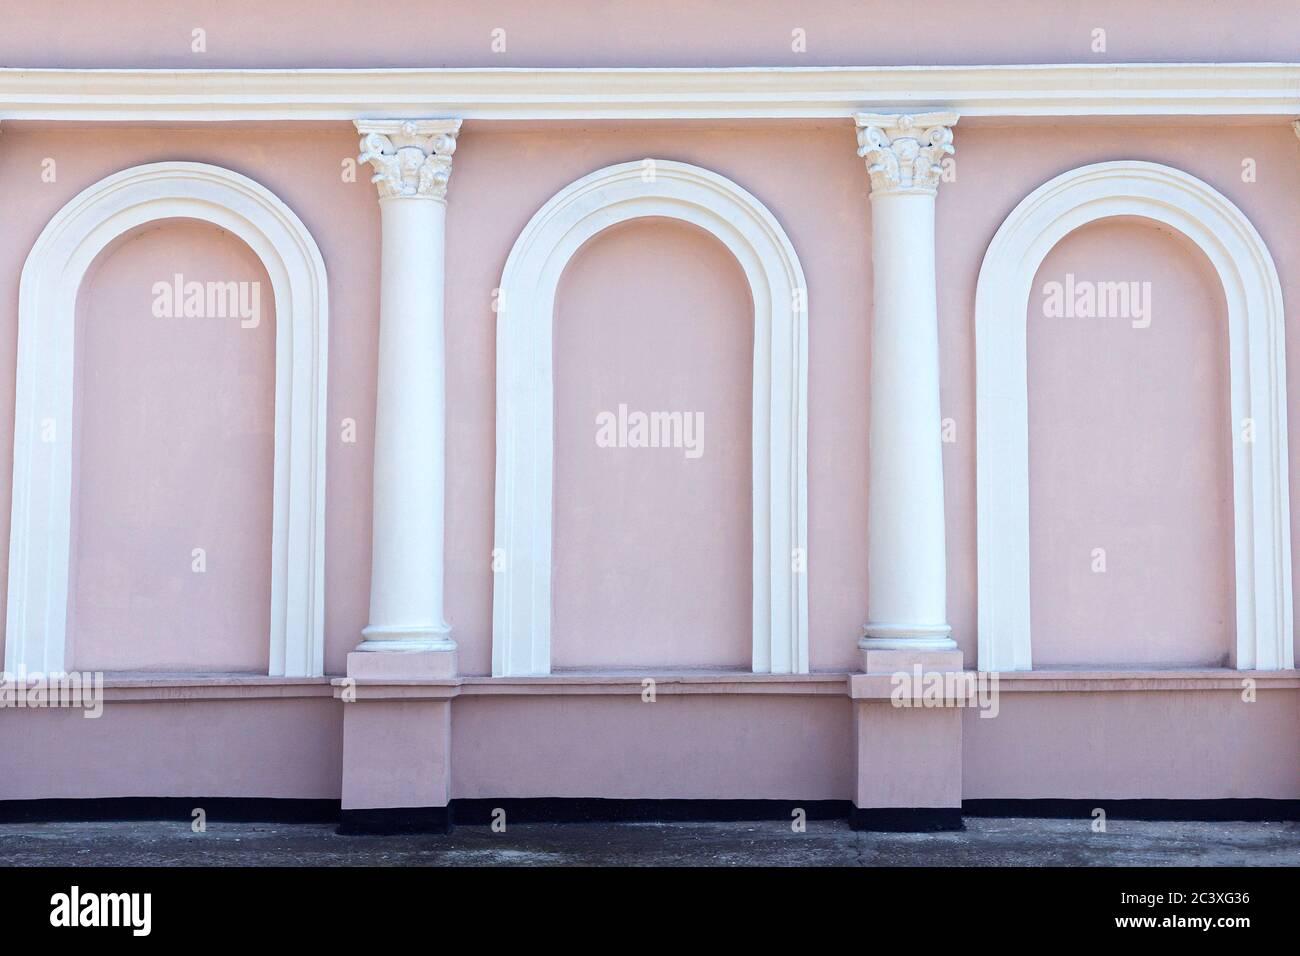 Fachada rosa sin ventanas del edificio con columnas blancas y arcos. Hermoso exterior. Fondo, fondo de pantalla Foto de stock